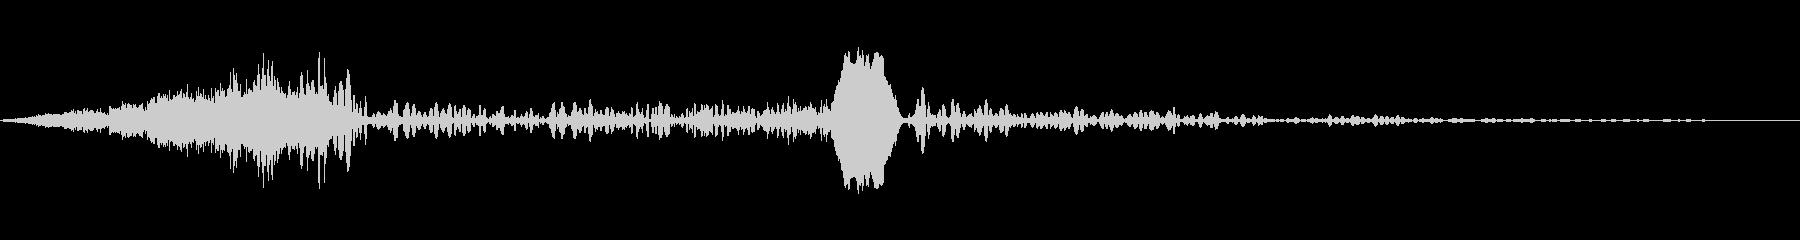 ロシアンルーレット、ライタースタブ...の未再生の波形